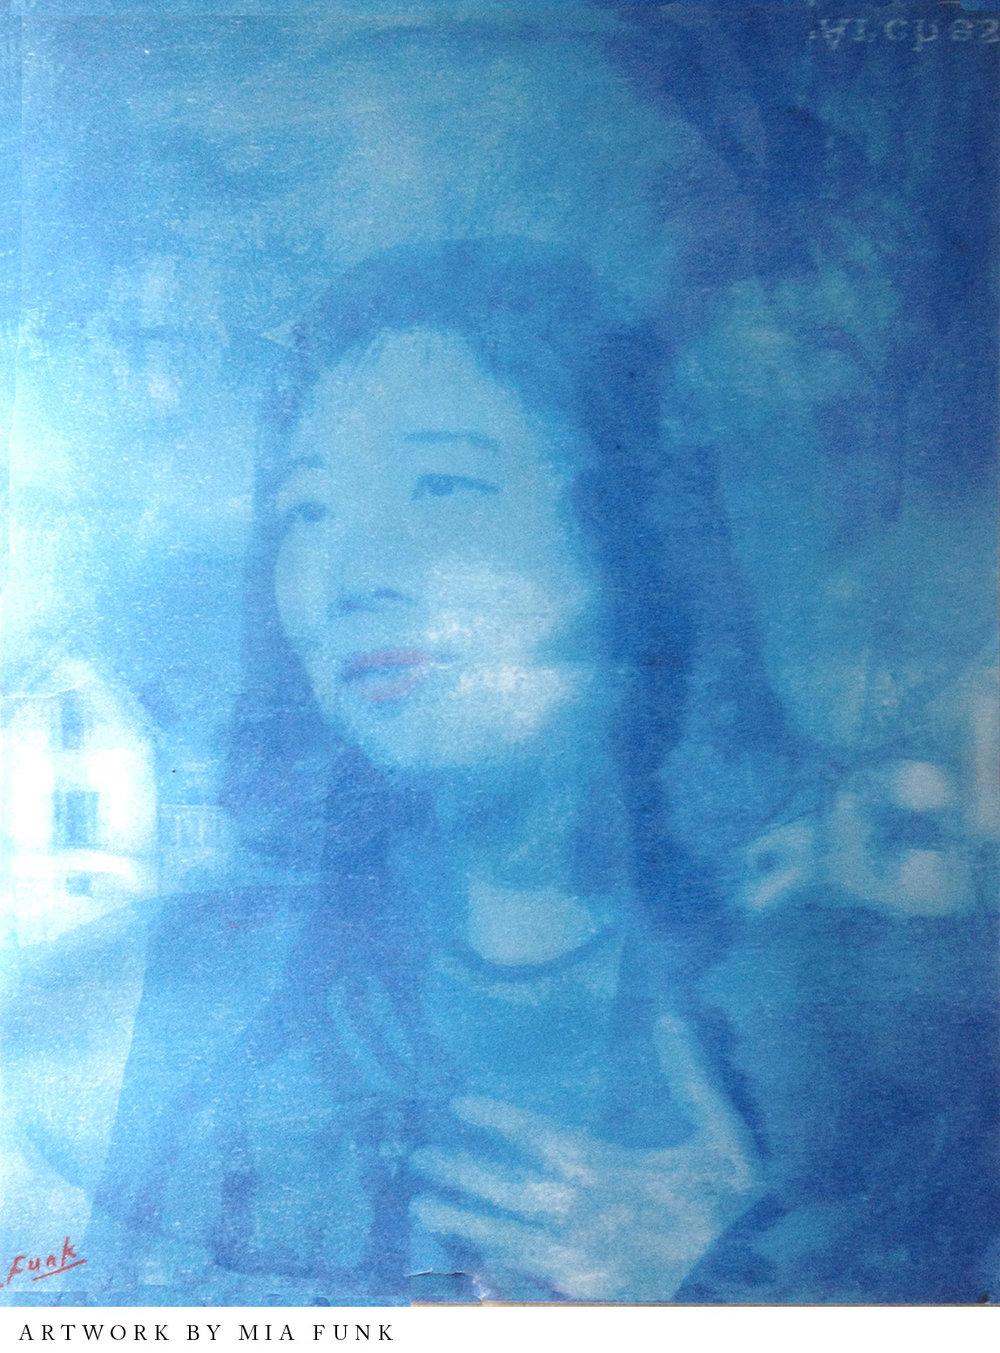 Lan Samantha Chang The Creative Process